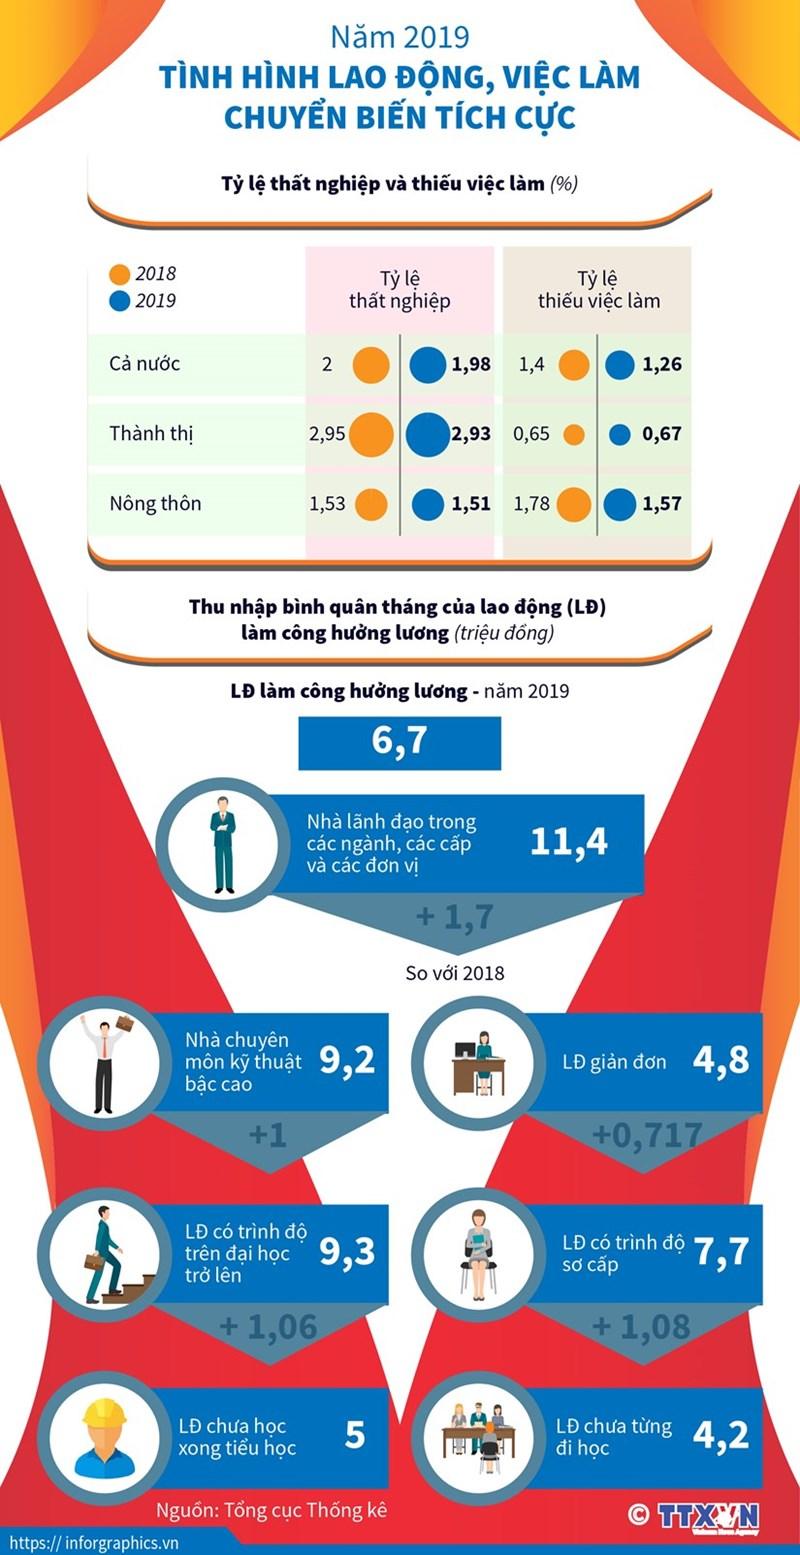 [Infographics] Năm 2019: Tình hình lao động, việc làm chuyển biến tích cực - Ảnh 1